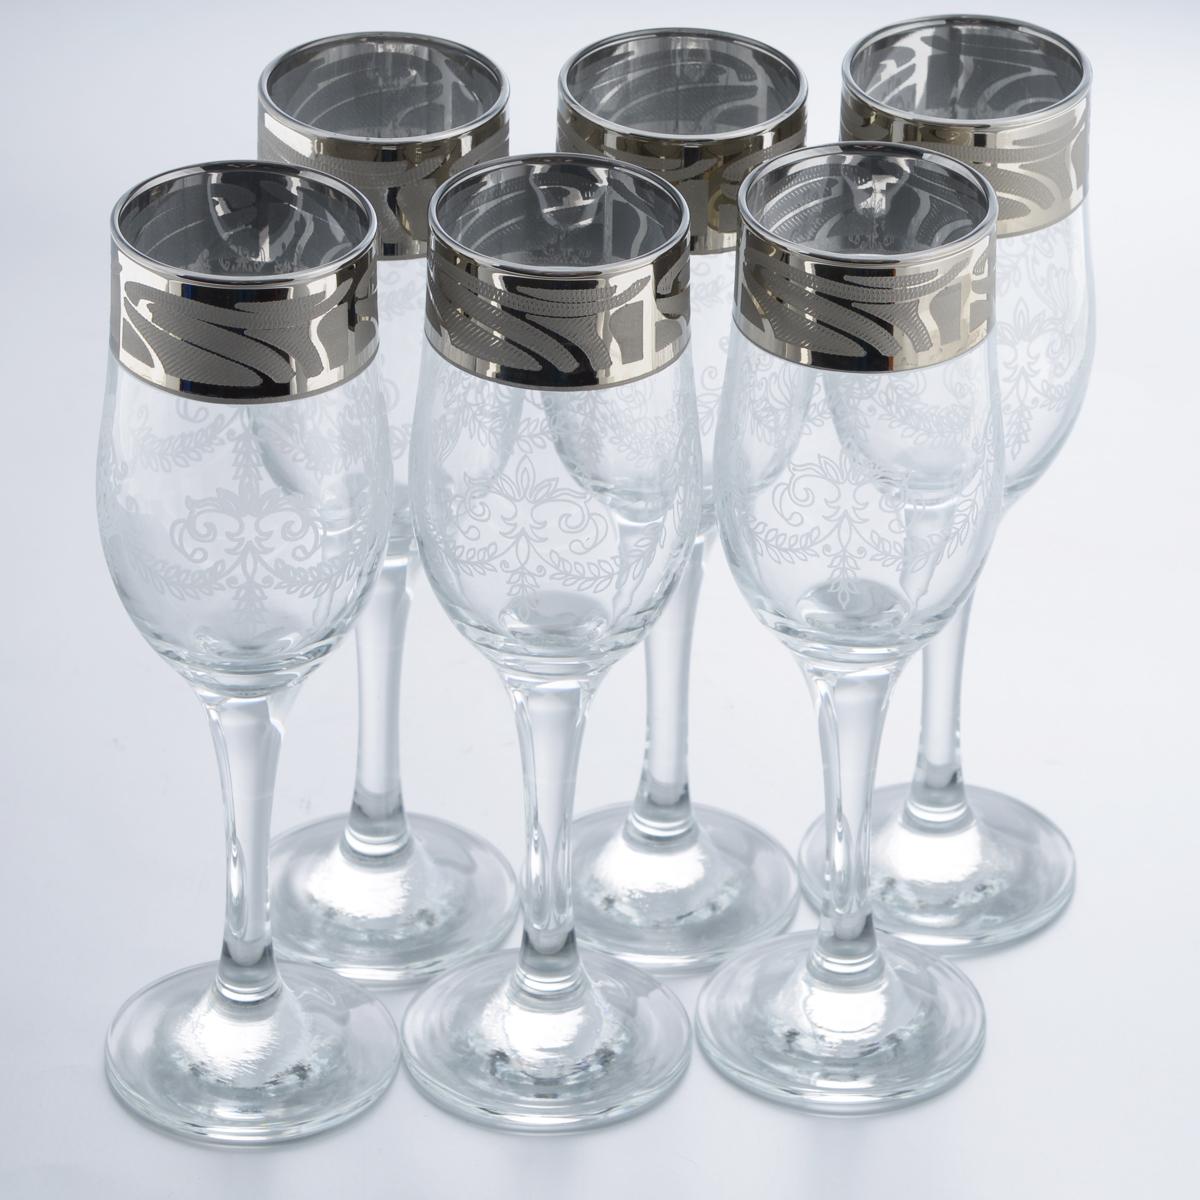 Набор бокалов Гусь-Хрустальный Мускат, 200 мл, 6 шт набор бокалов для бренди гусь хрустальный эдем каскад